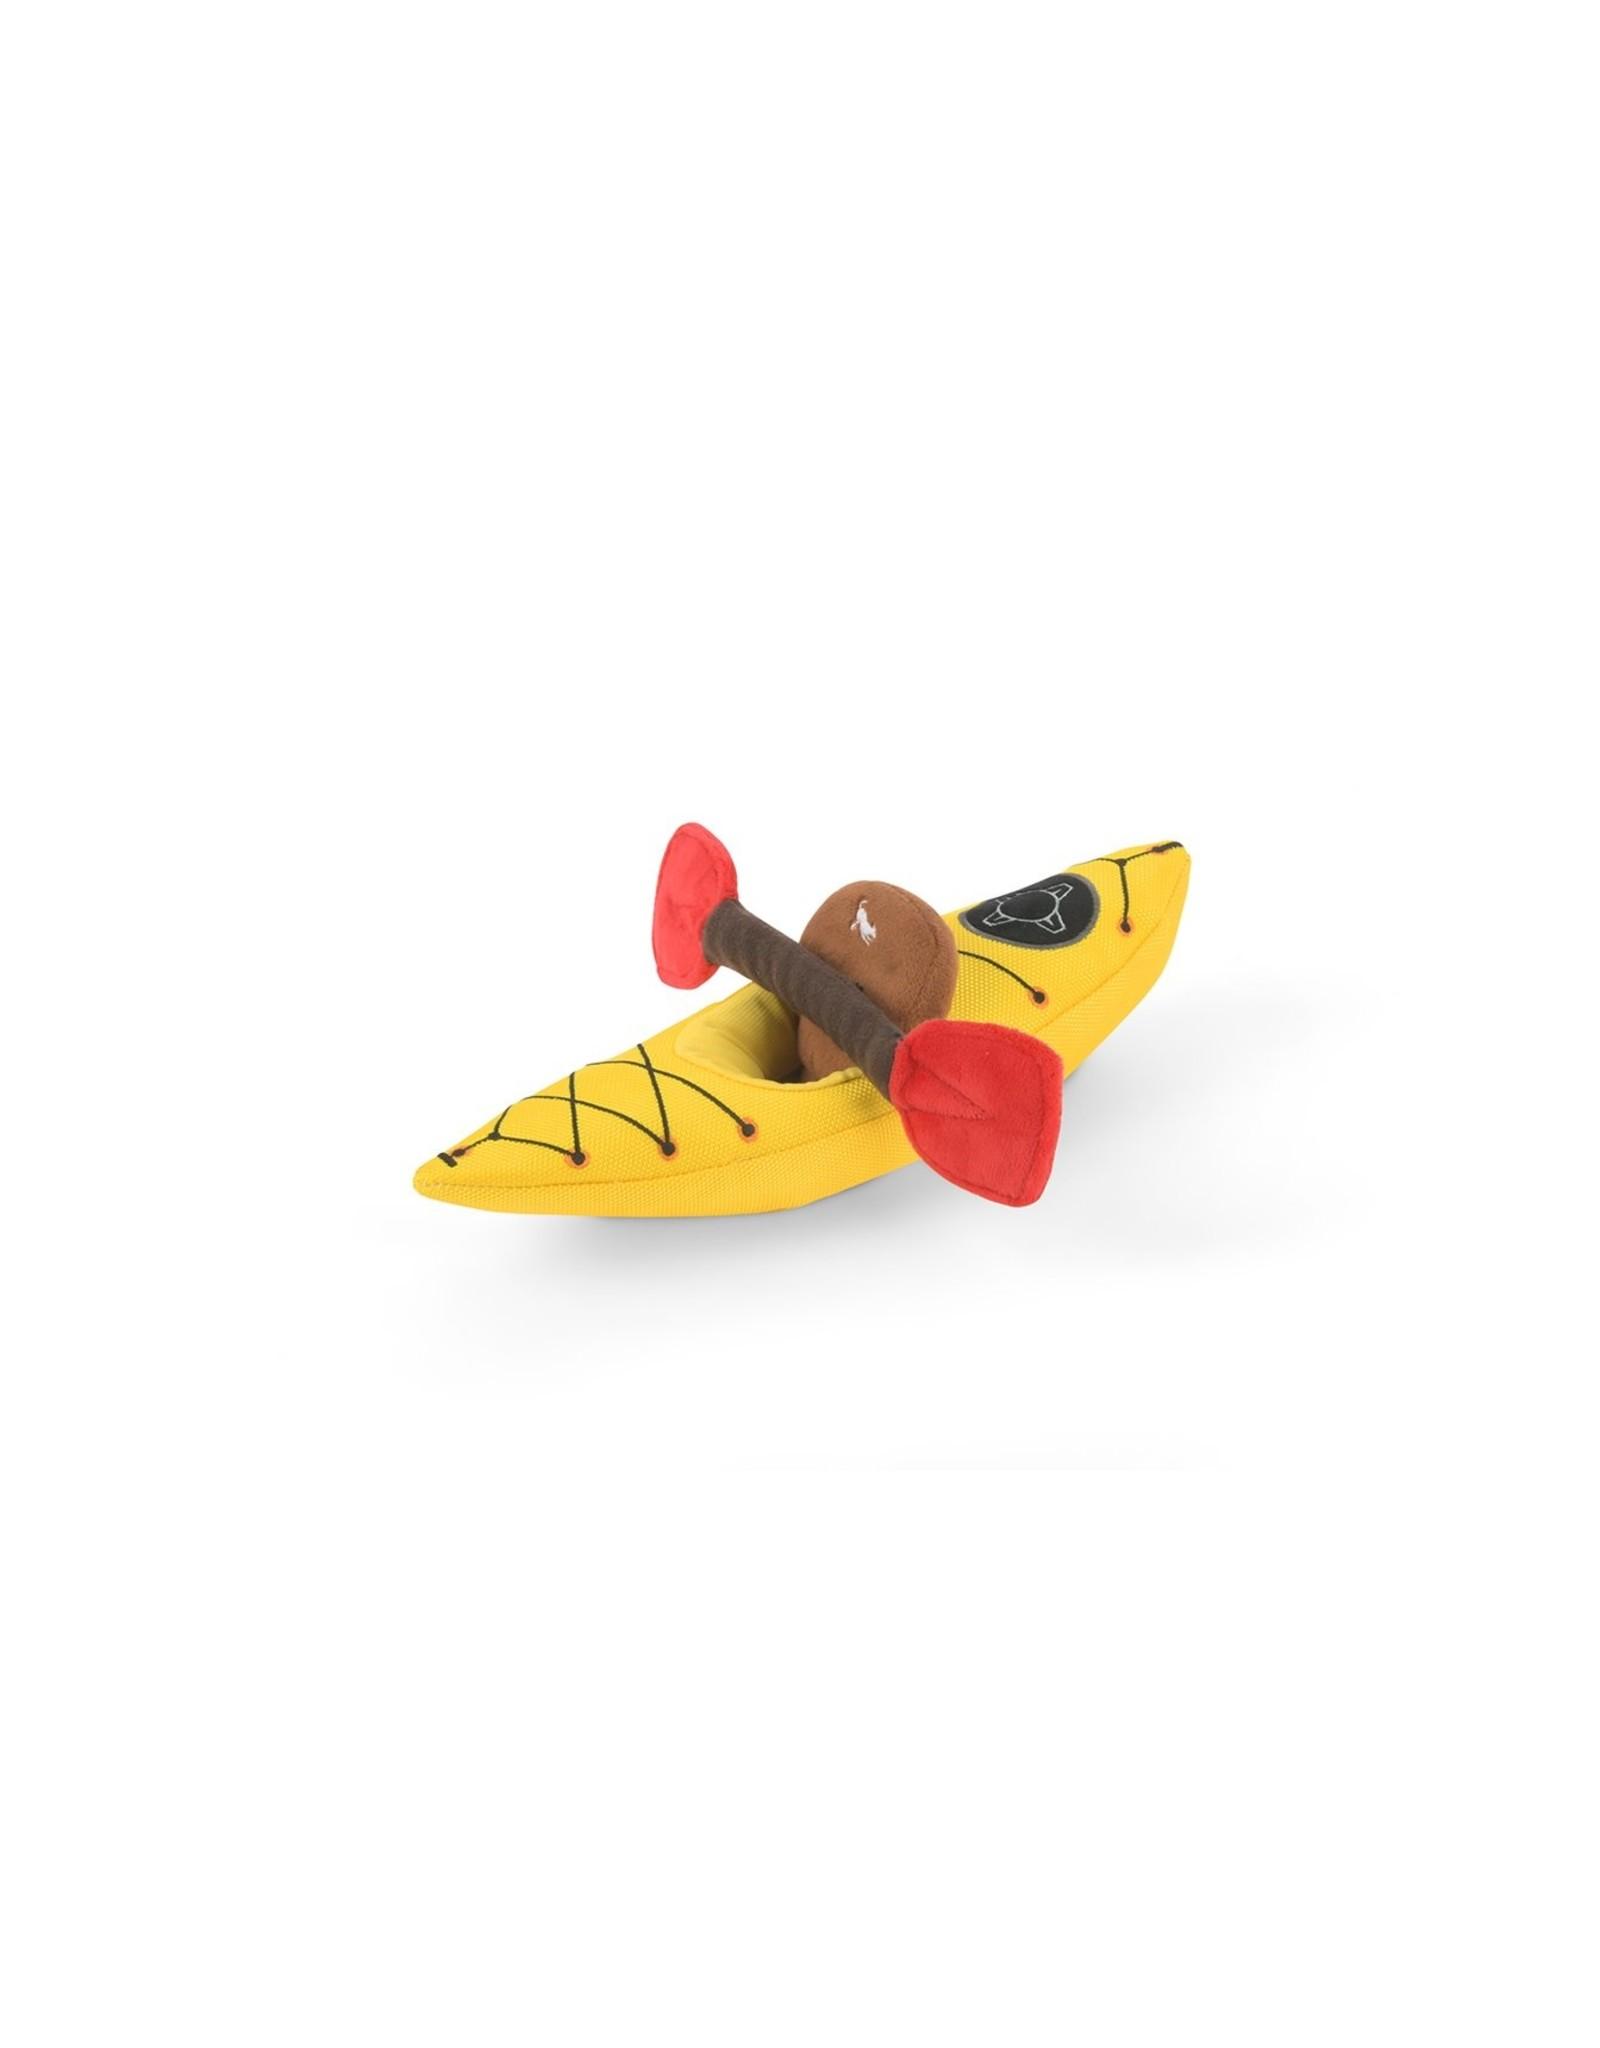 PLAY Pet Lifestyle Camp Corbin Kayak